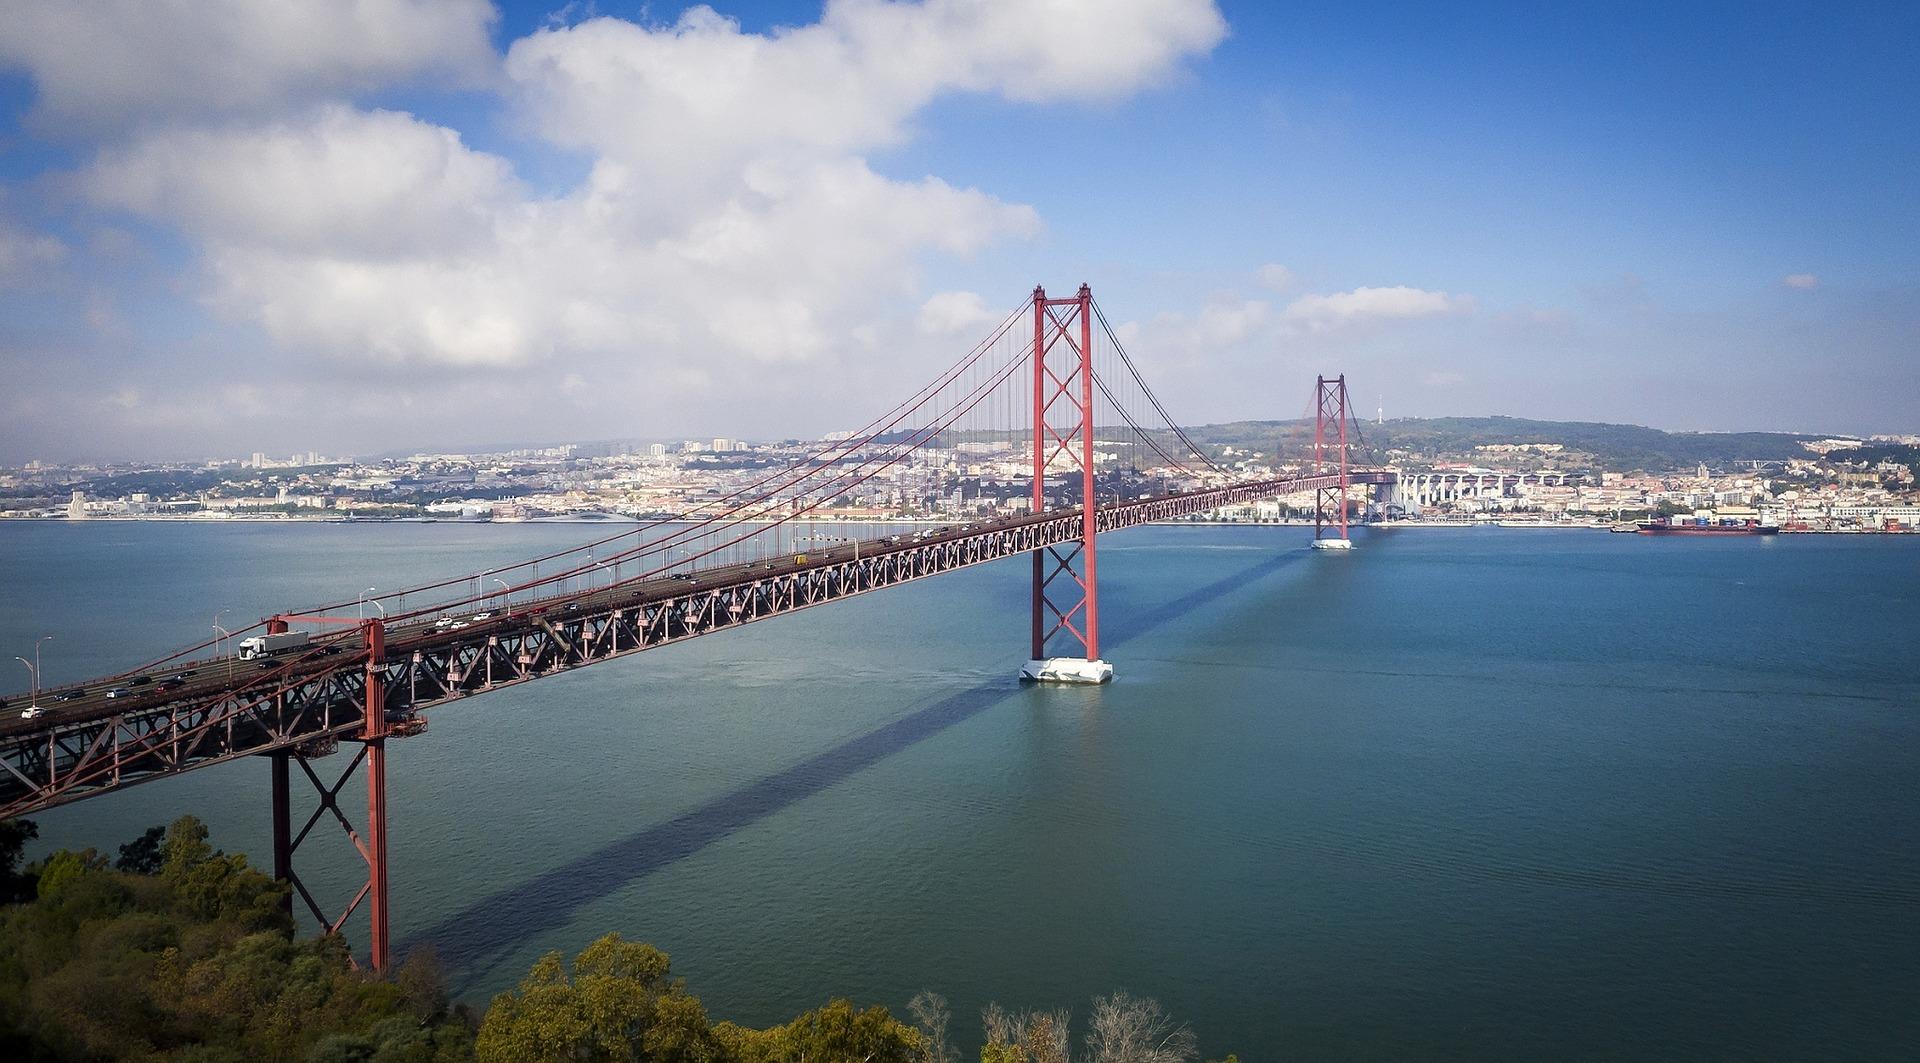 Mit den billigflügen für low in das Home Hostel in Lissabon - Backpacker aufgepasst